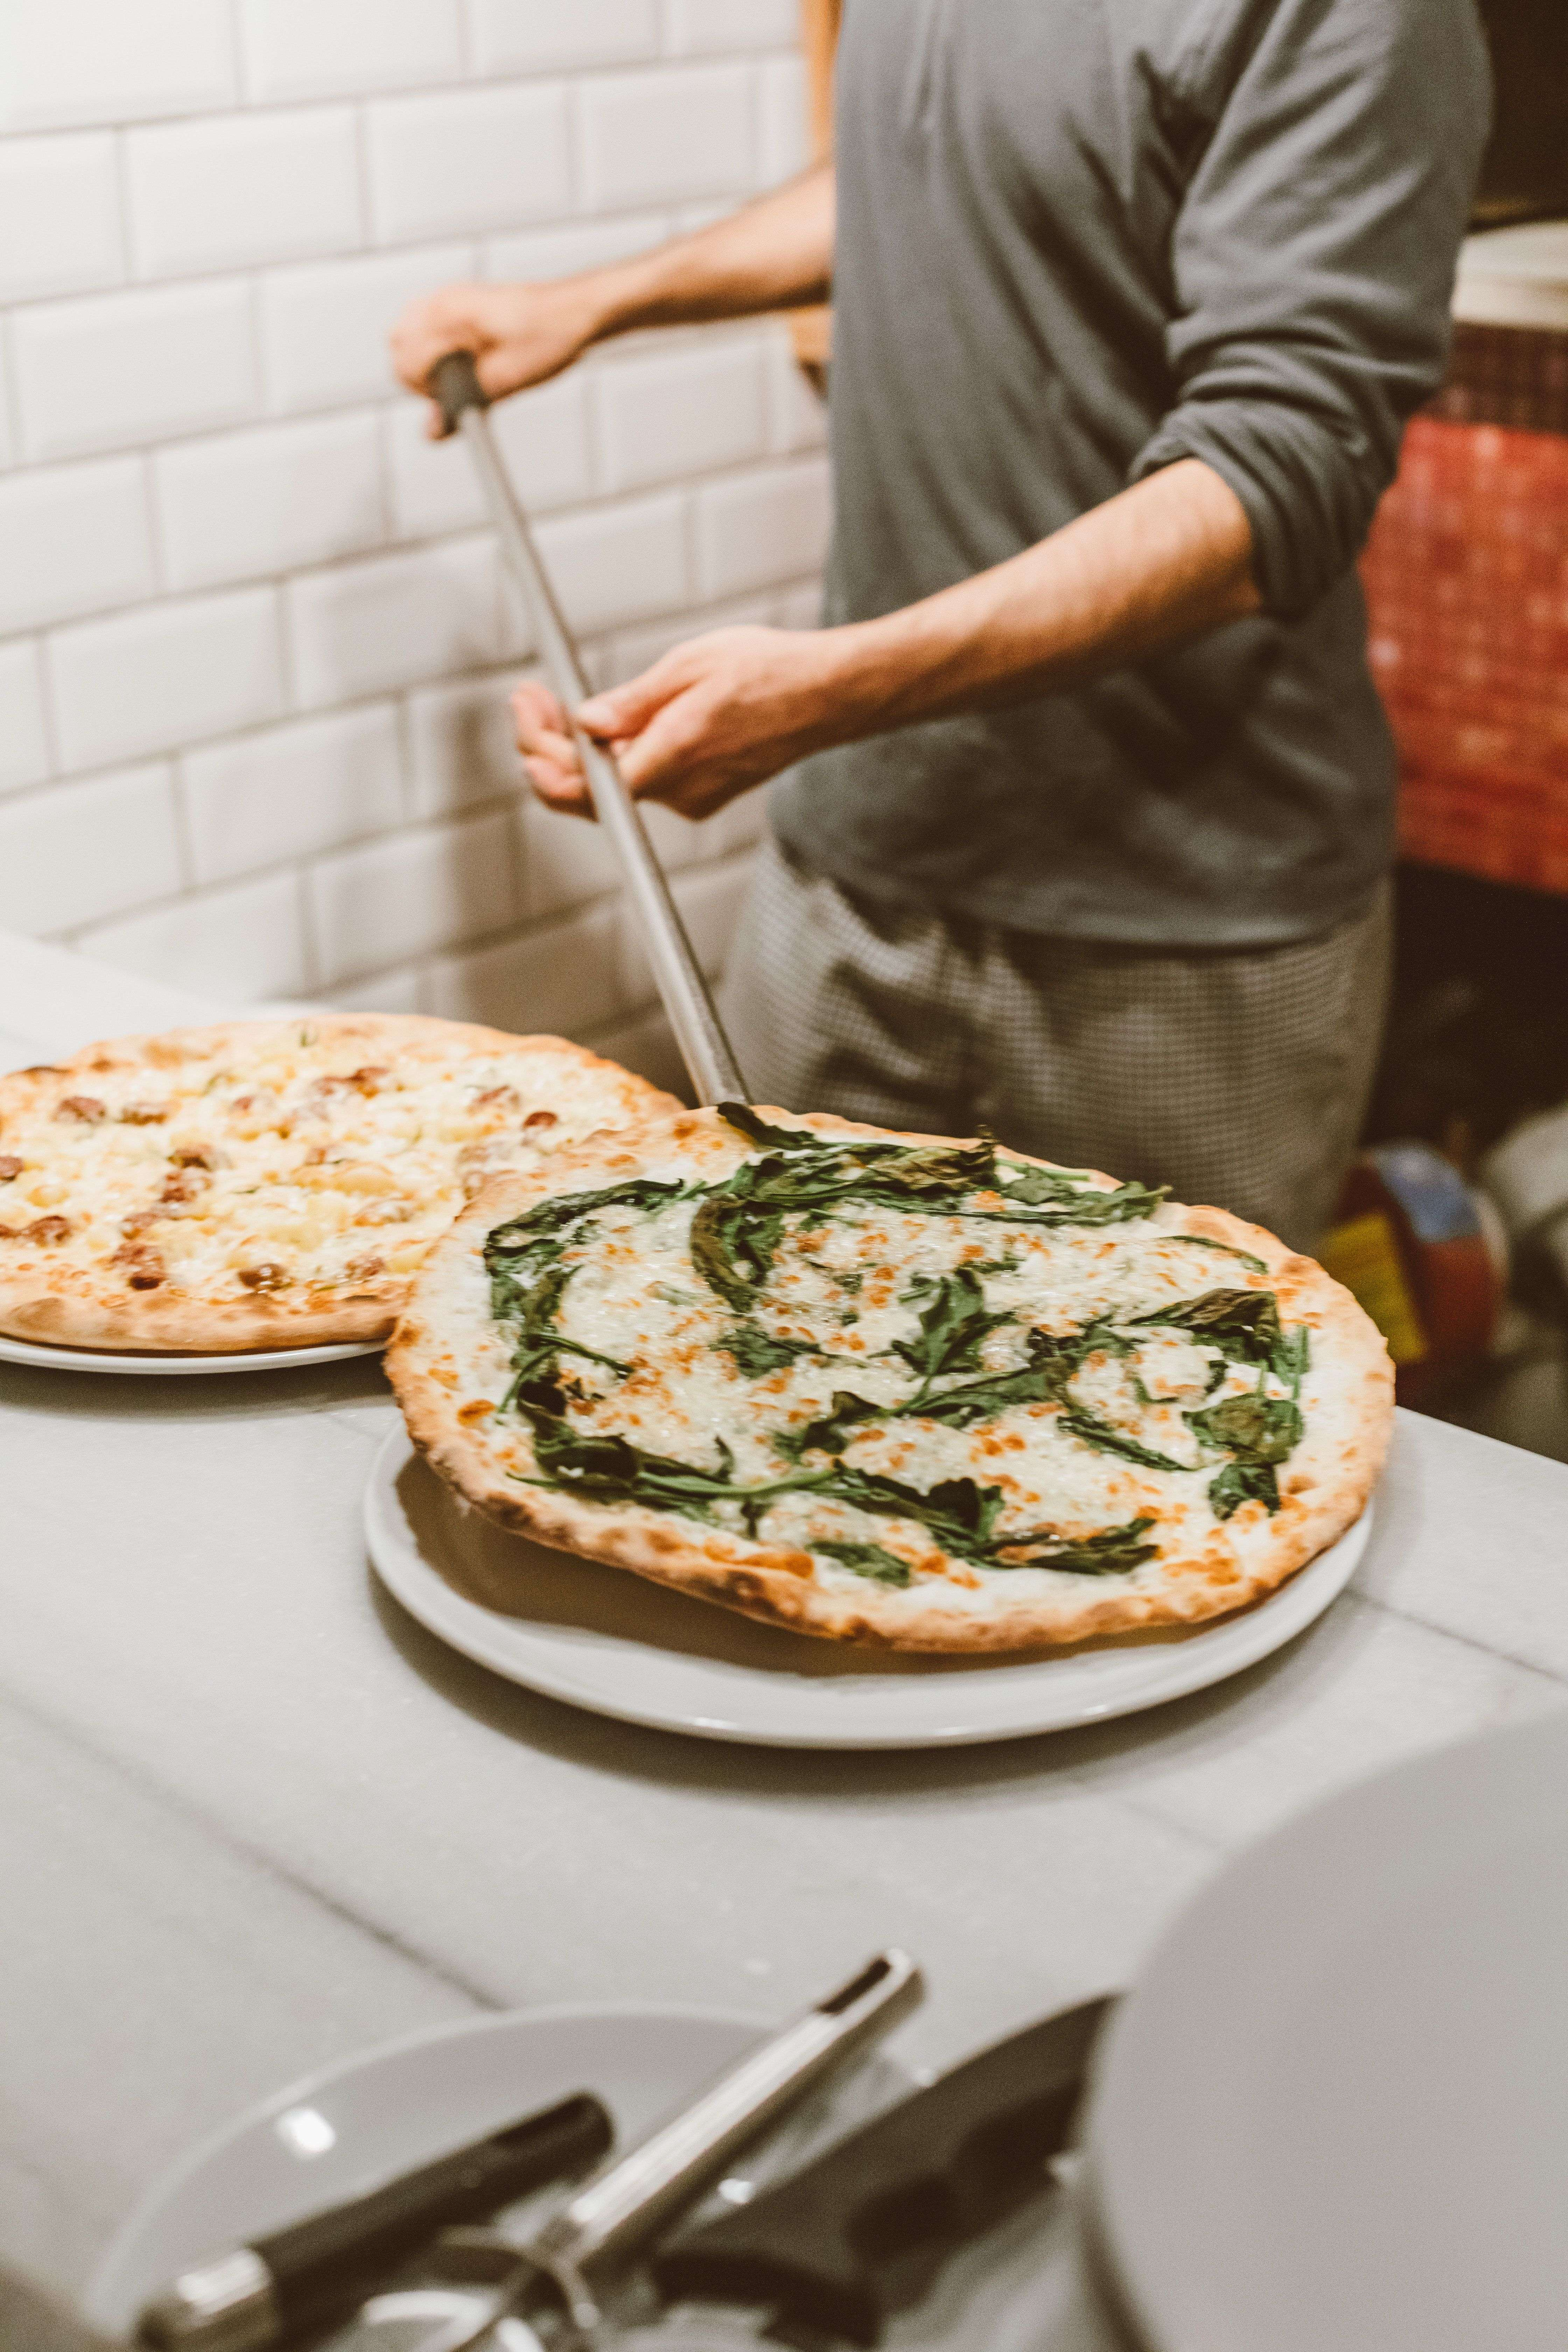 Réserver vos pizzas !